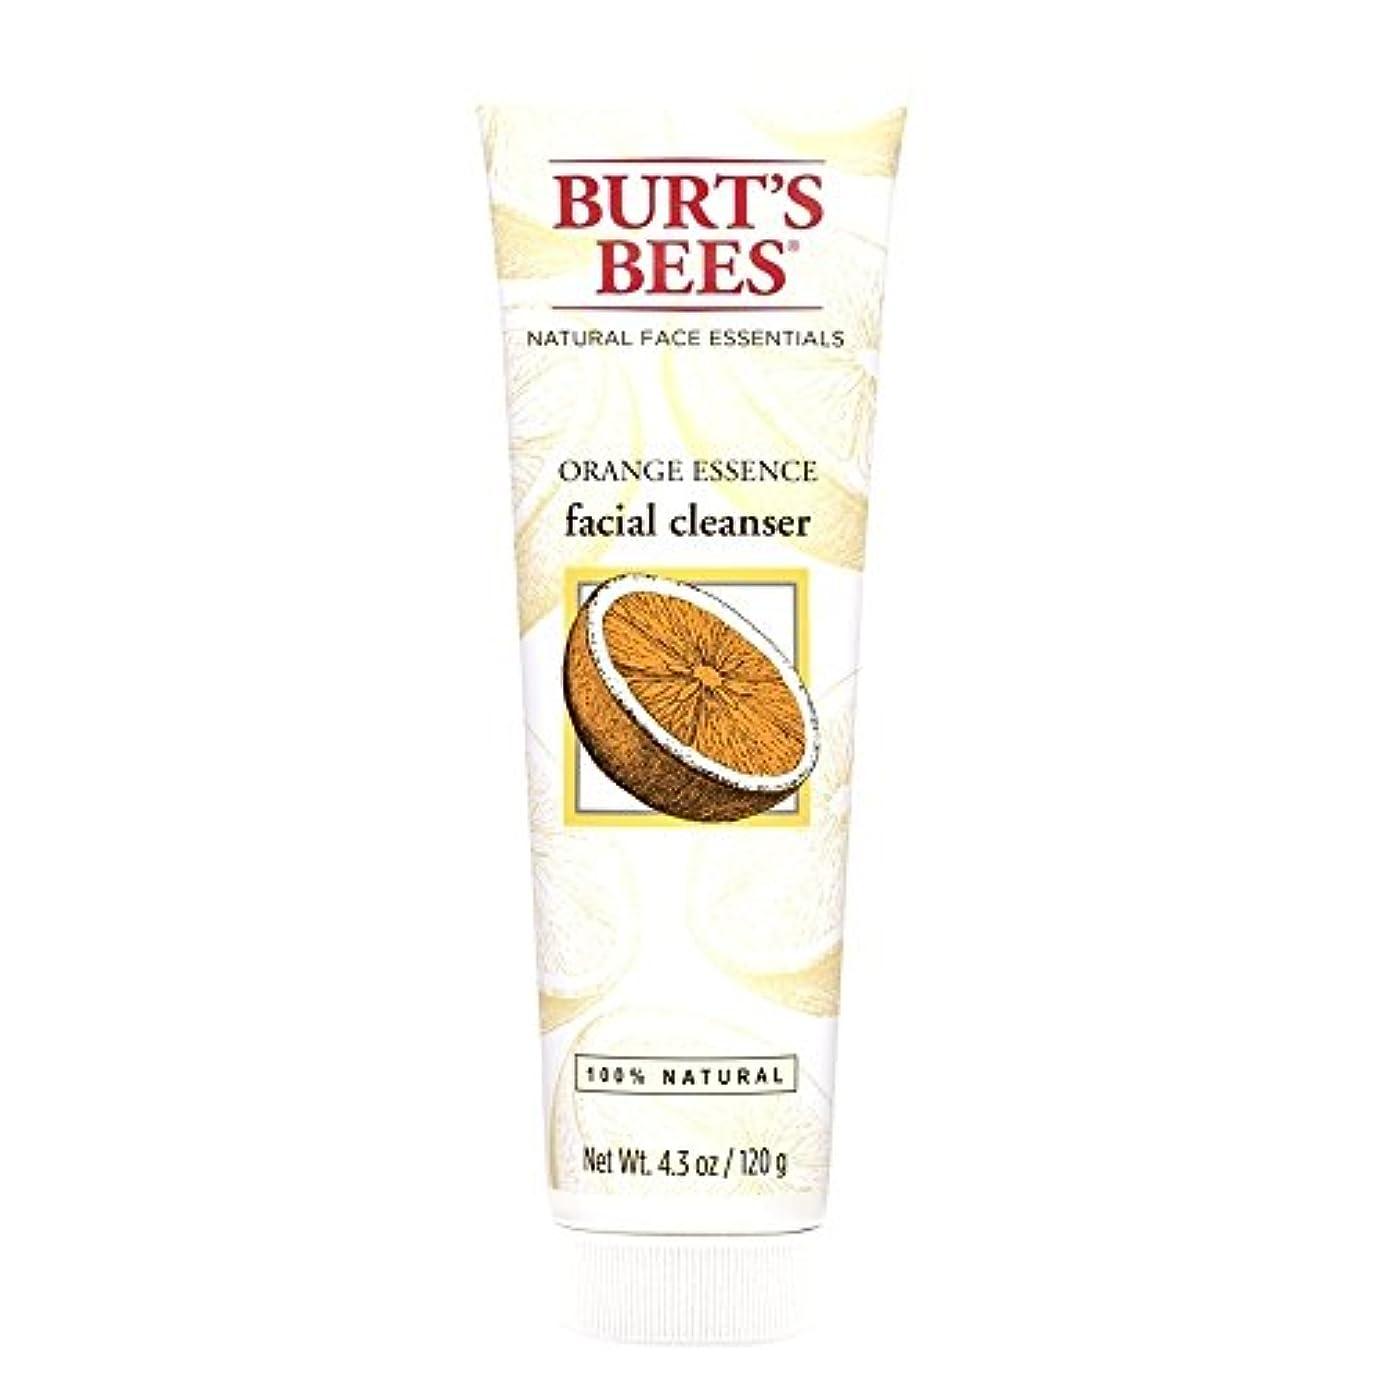 実行可能心理的に乱闘バーツビーオレンジエッセンス洗顔料、125グラム (Burt's Bees) (x2) - Burt's Bees Orange Essence Facial Cleanser, 125g (Pack of 2) [並行輸入品]